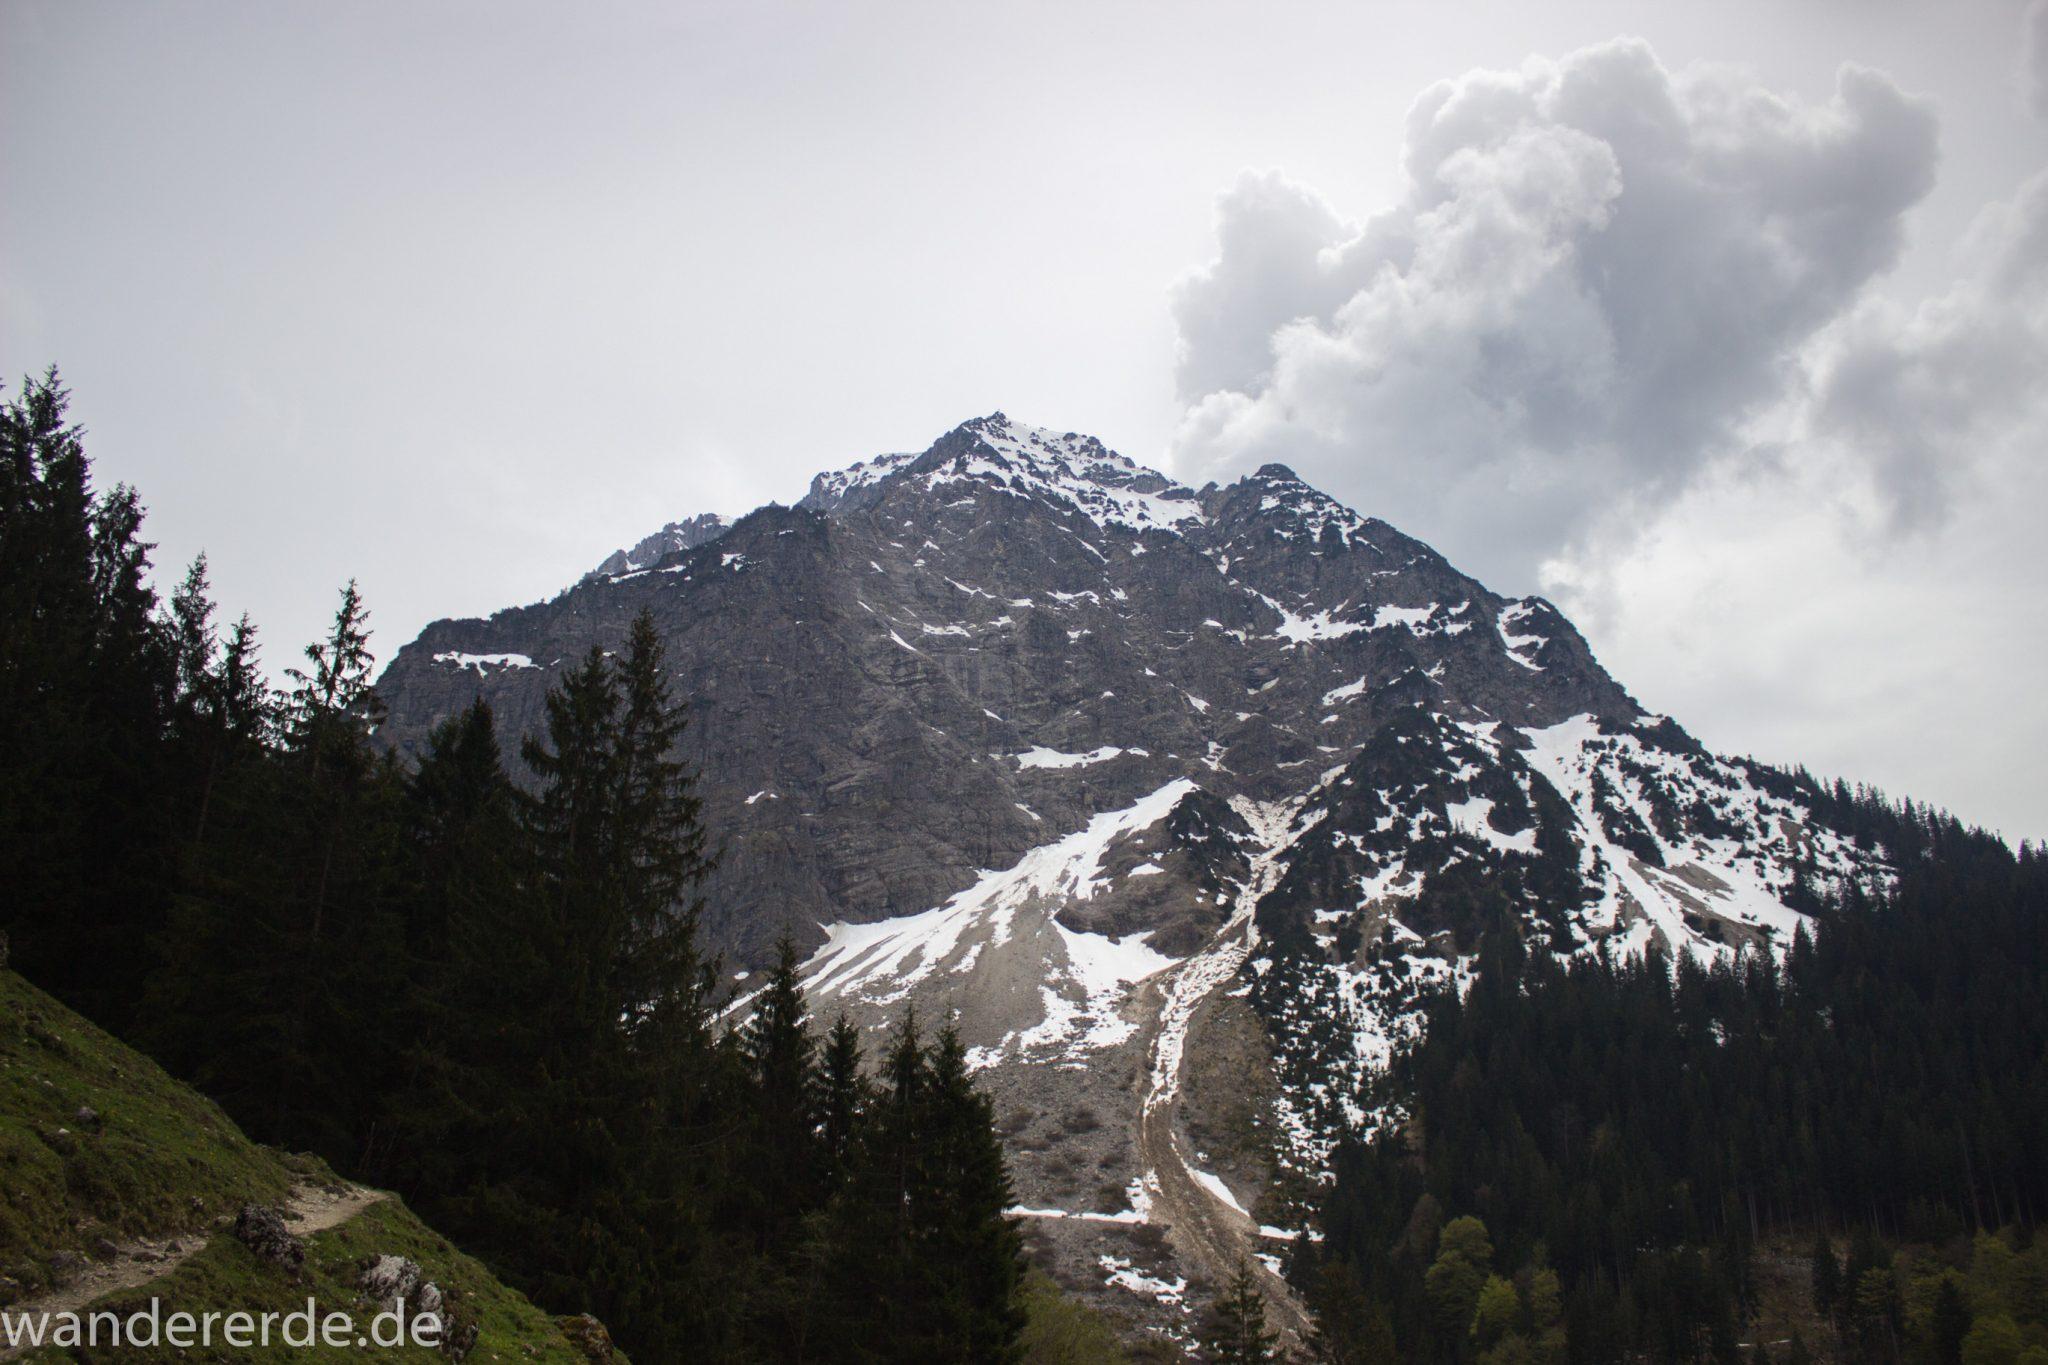 Wanderung Unterer Gaisalpsee, Wanderweg von Oberstdorf im Allgäu, Wanderpfad wird zunehmend schmaler, steil und felsig, umgeben von schönem dichtem Mischwald, Blick auf Allgäuer Berge mit Schnee in der Ferne